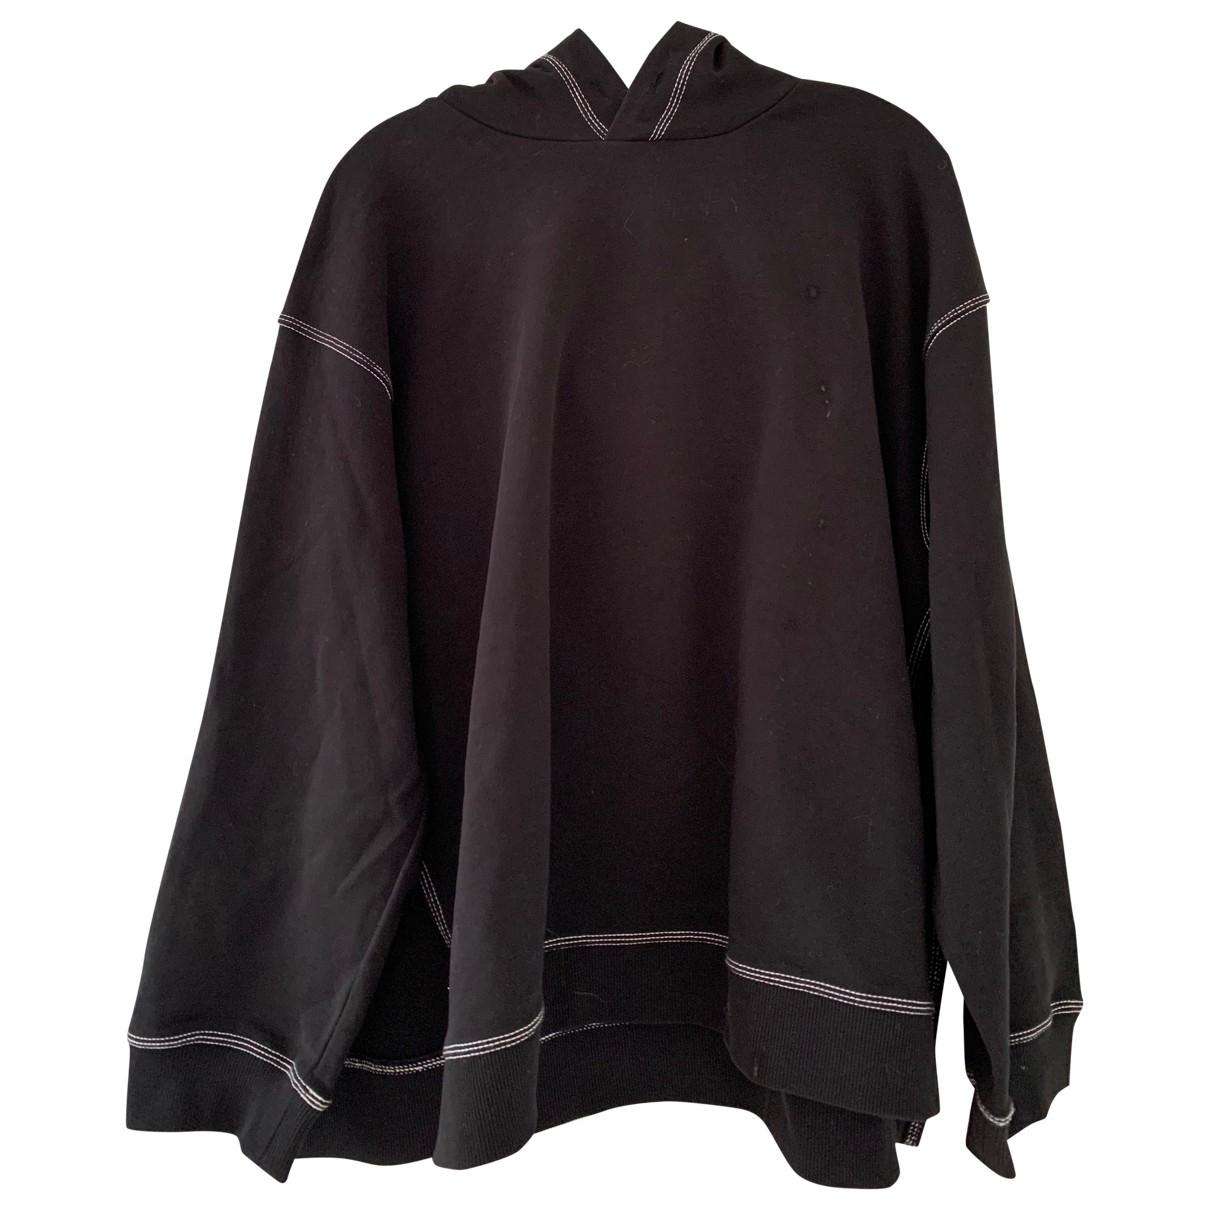 Mm6 - Pull   pour femme en coton - noir